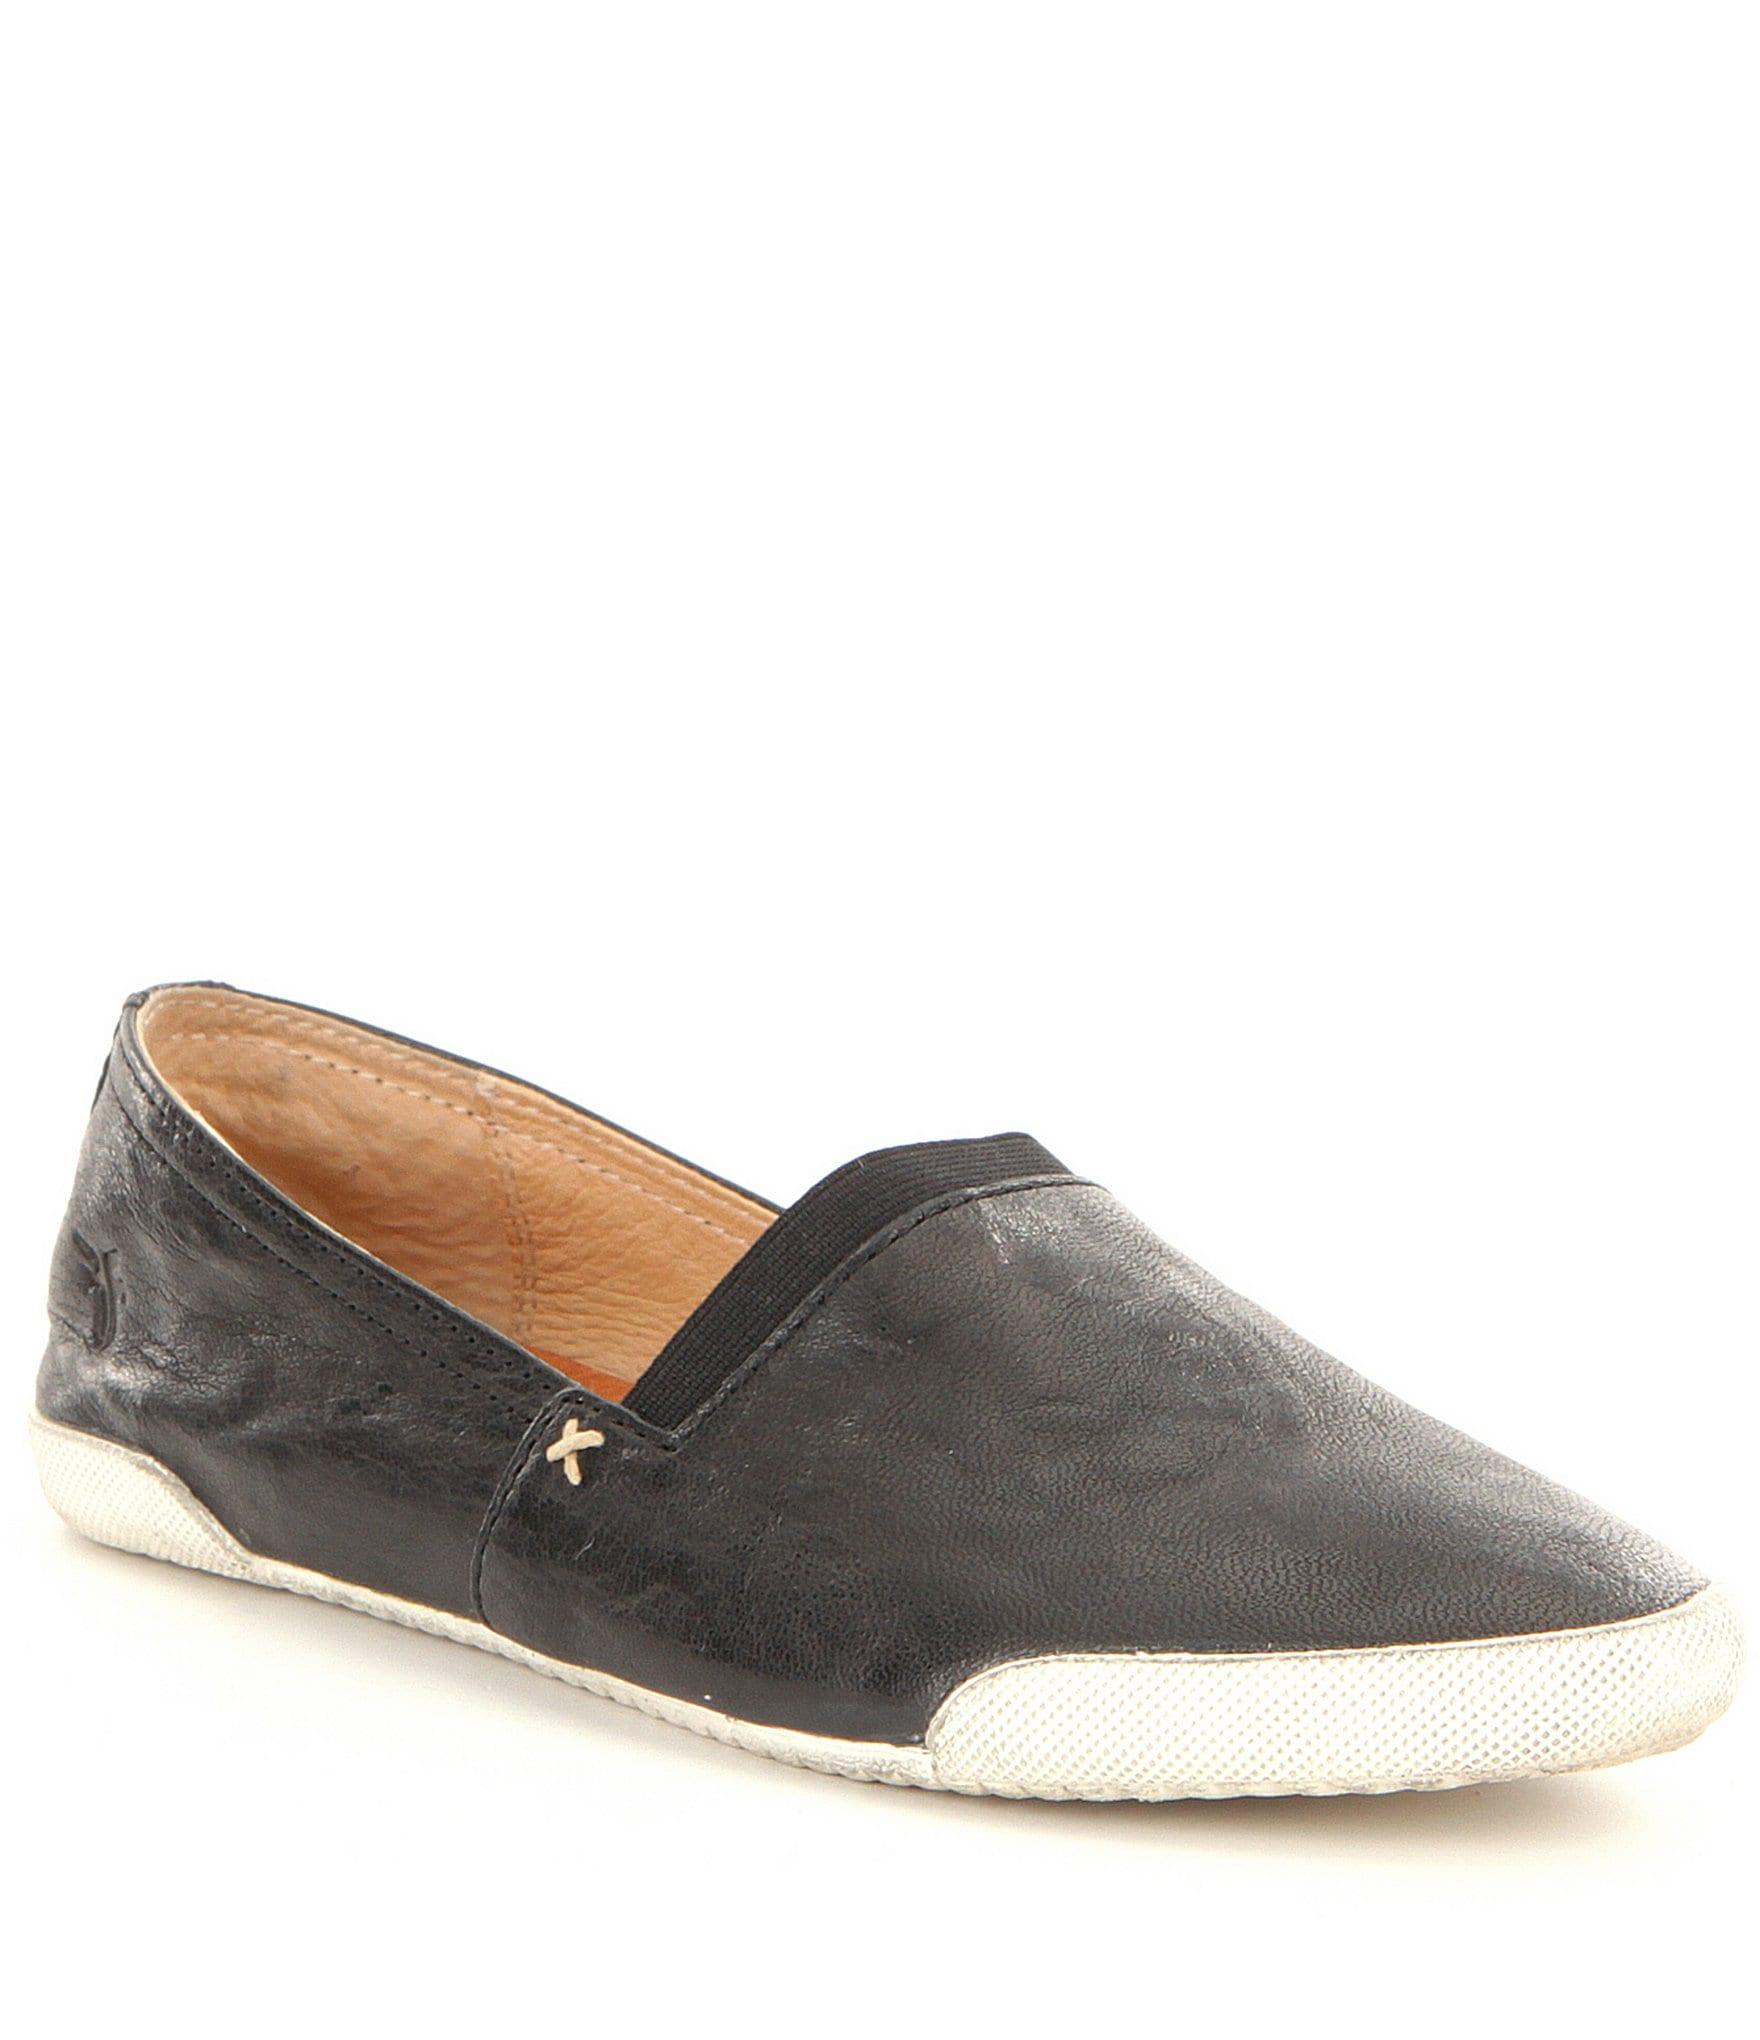 Frye Melanie Slip-On Sneakers | Dillard's